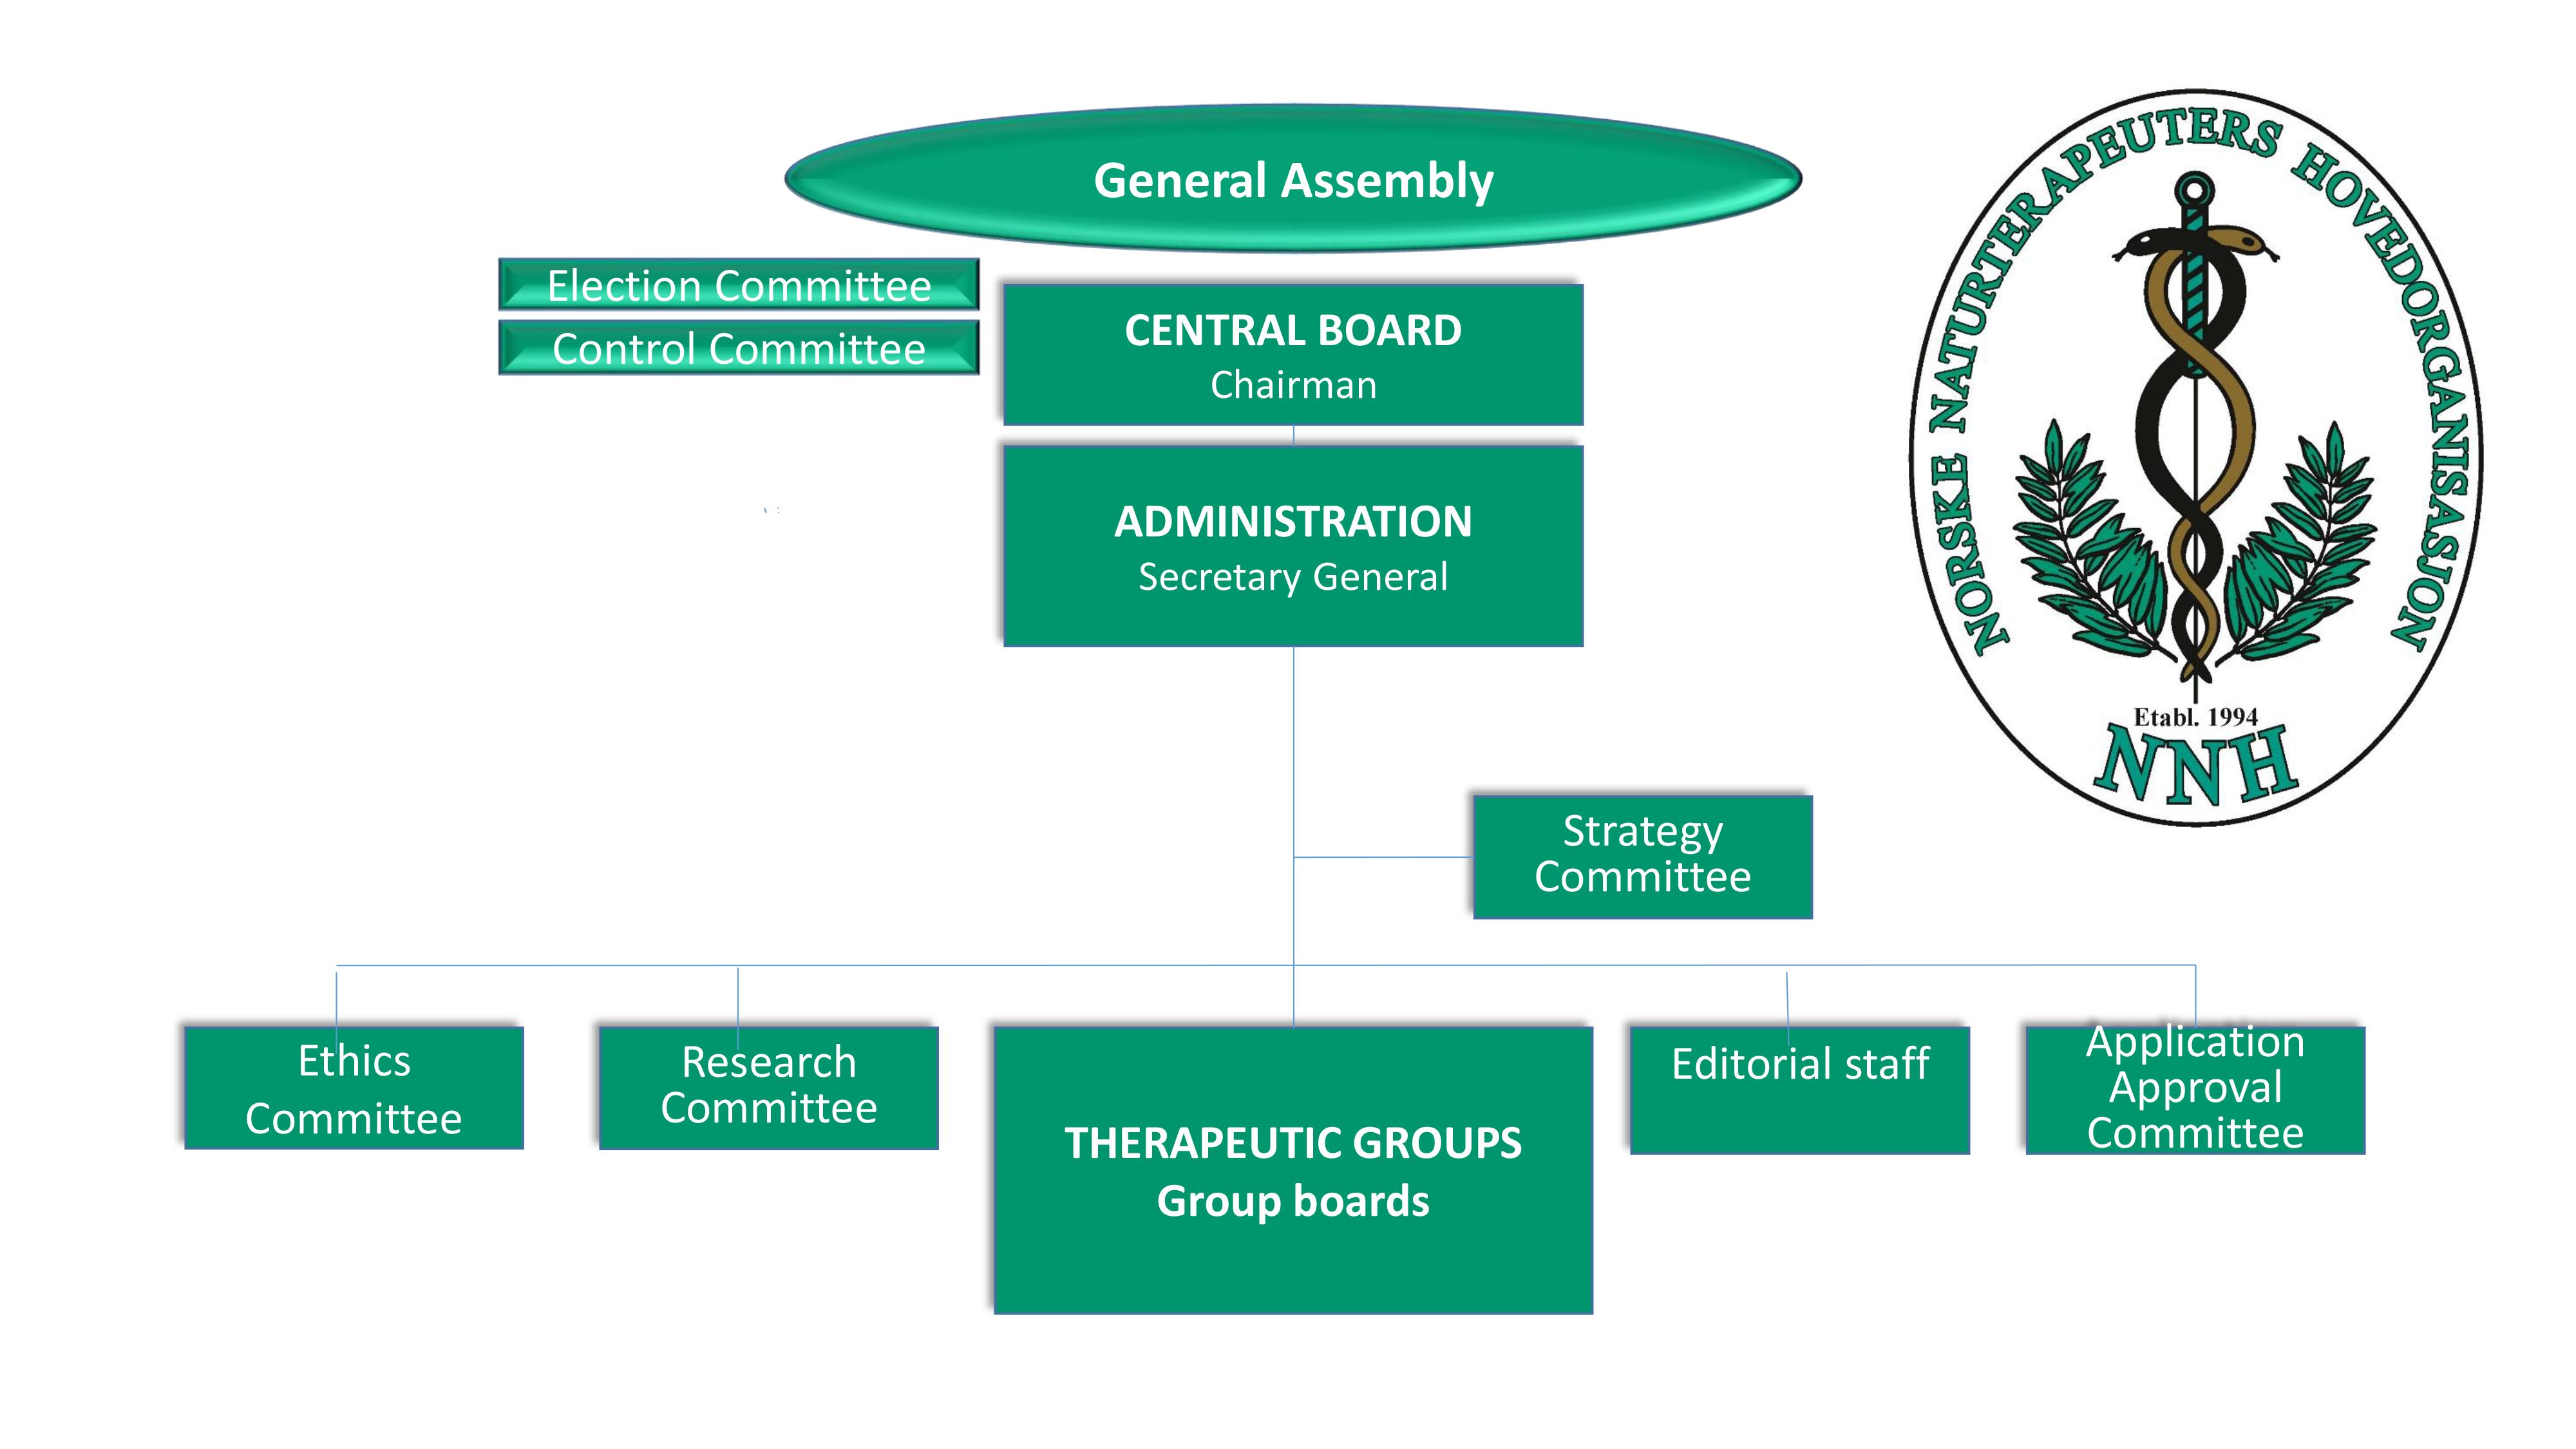 NNHs Organisation Structure